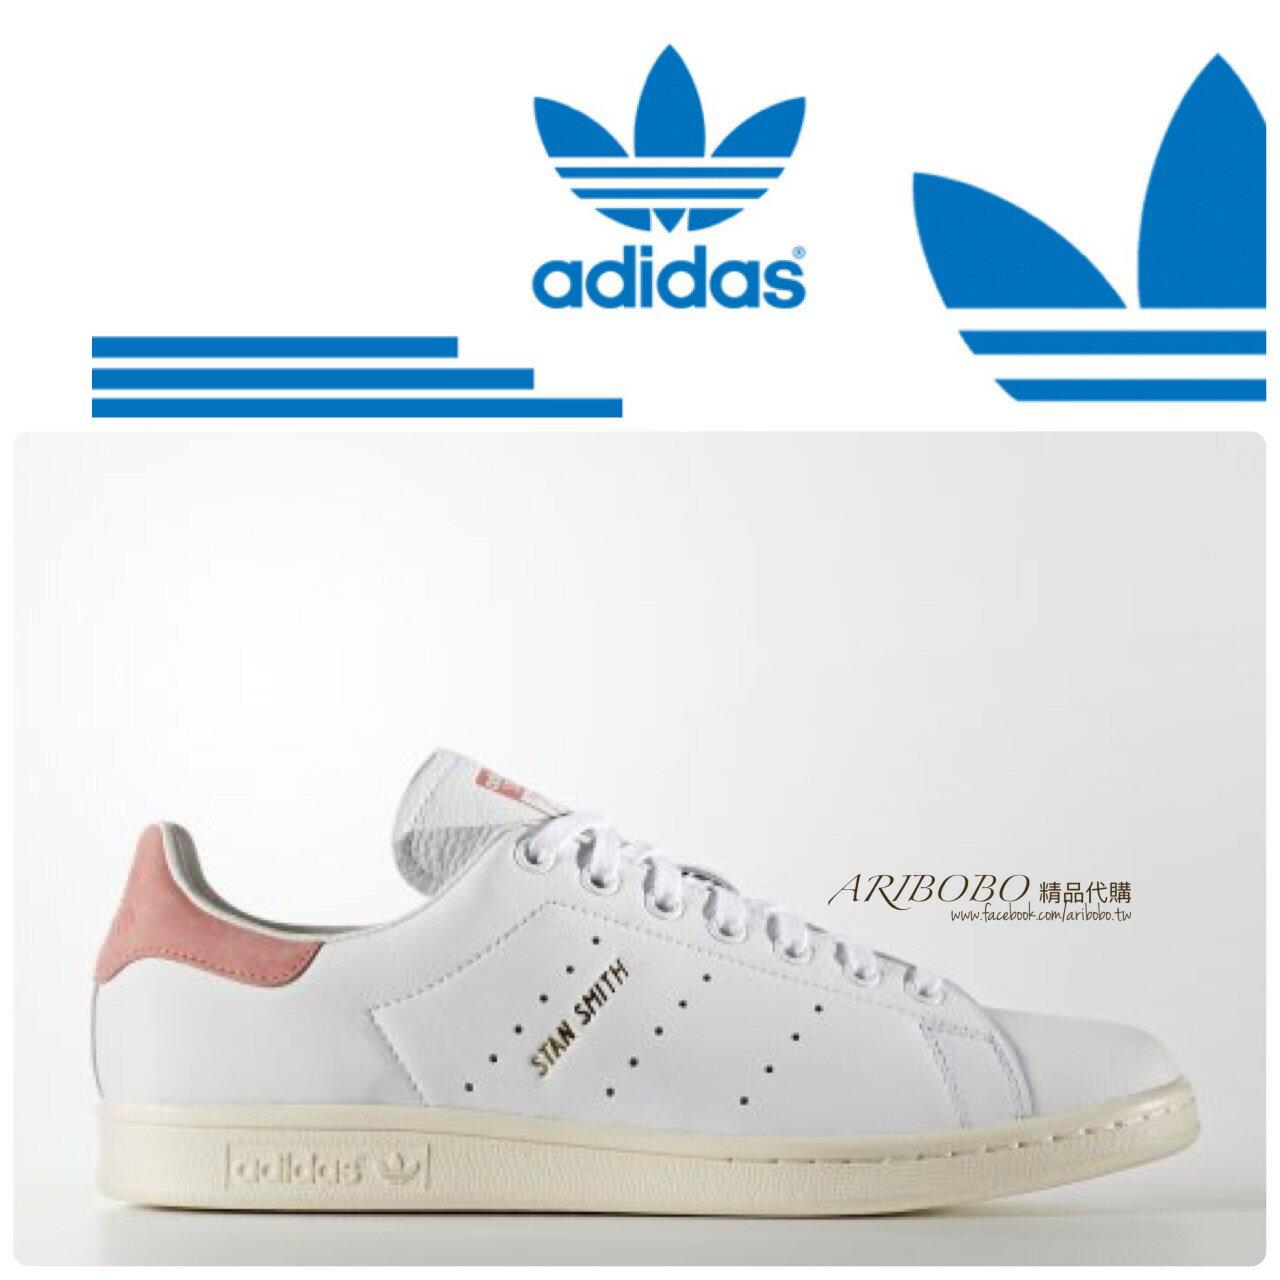 艾莉波波【adidas】愛迪達 Stan Smith X 2016新色 S80024  S80025 S80026(版型偏大,建議小半號唷)精品 代購 3